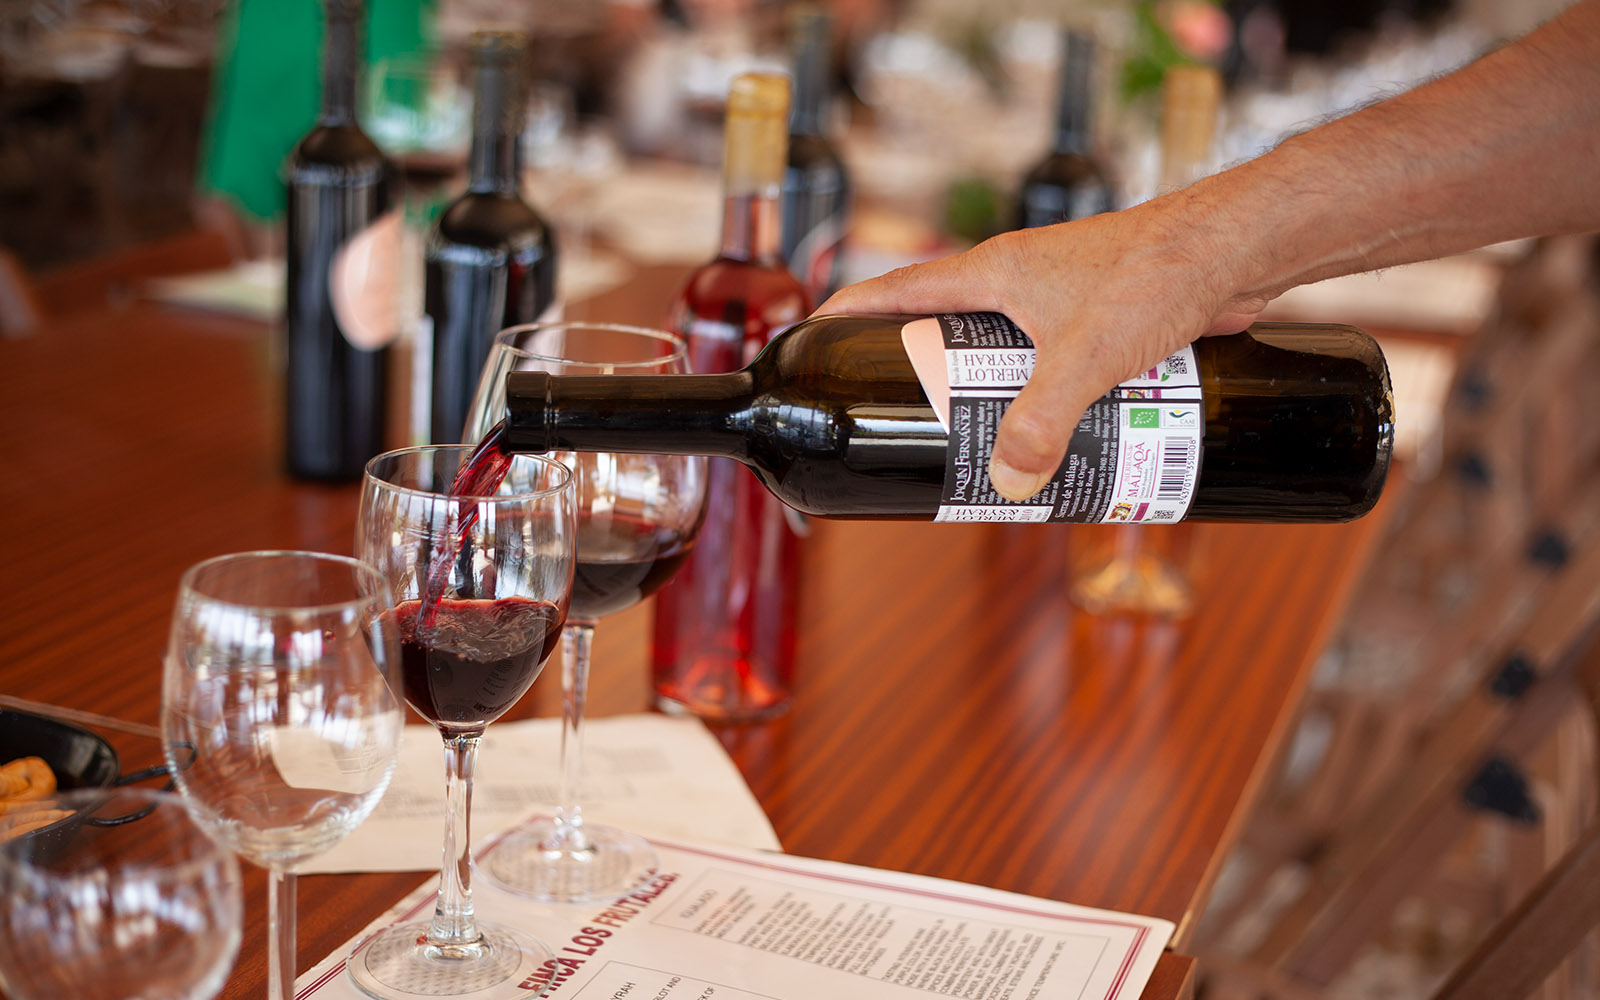 Дегустацию вин в городе Ронда, Испания